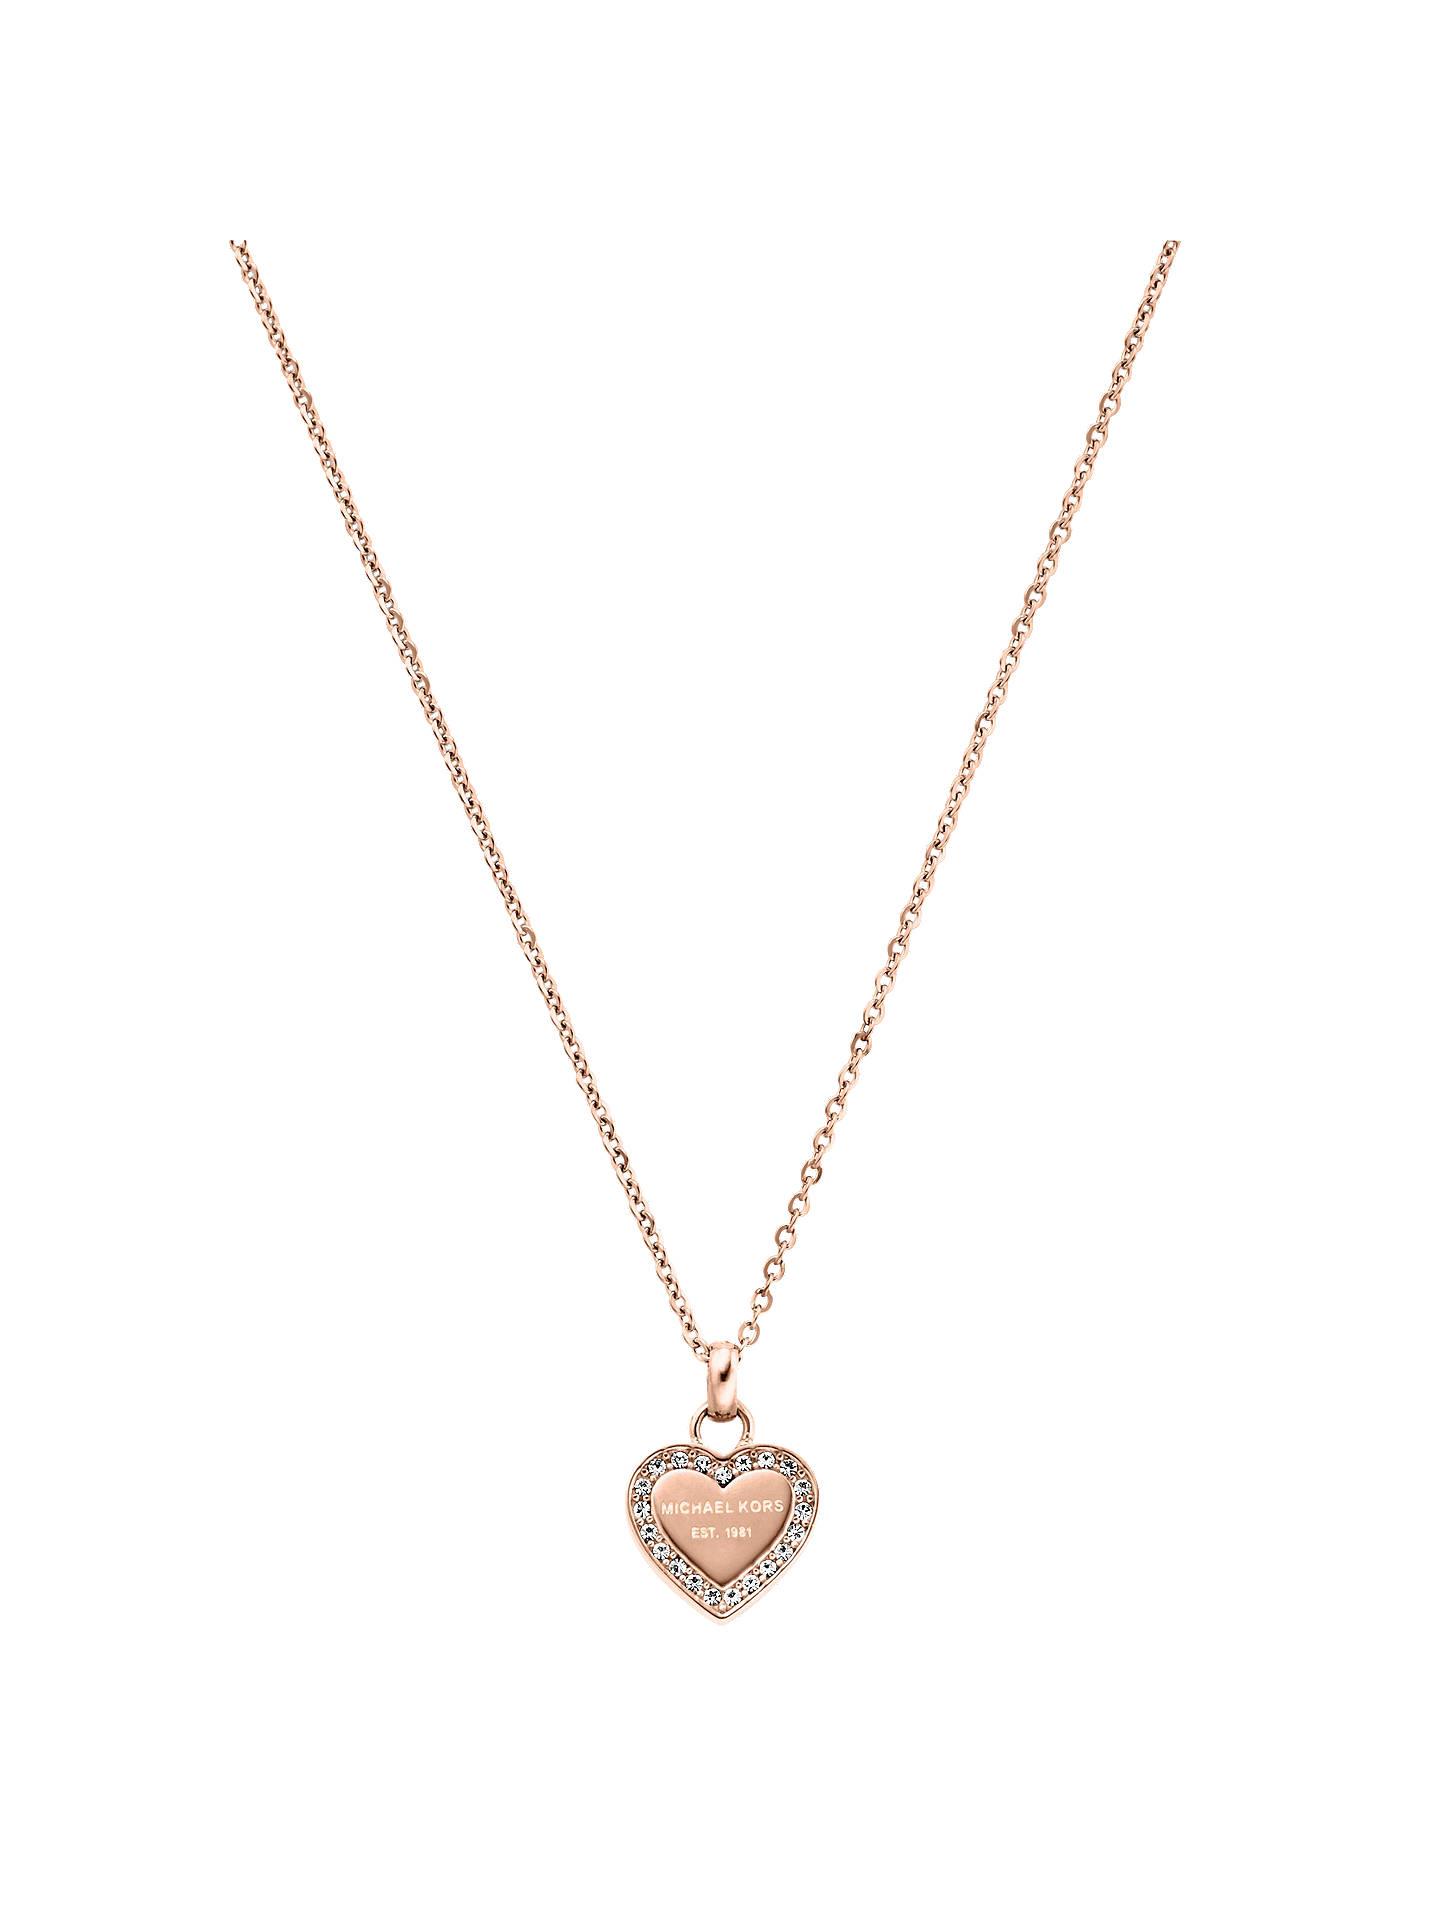 c05158936a8d Buy Michael Kors Heart Pendant Necklace